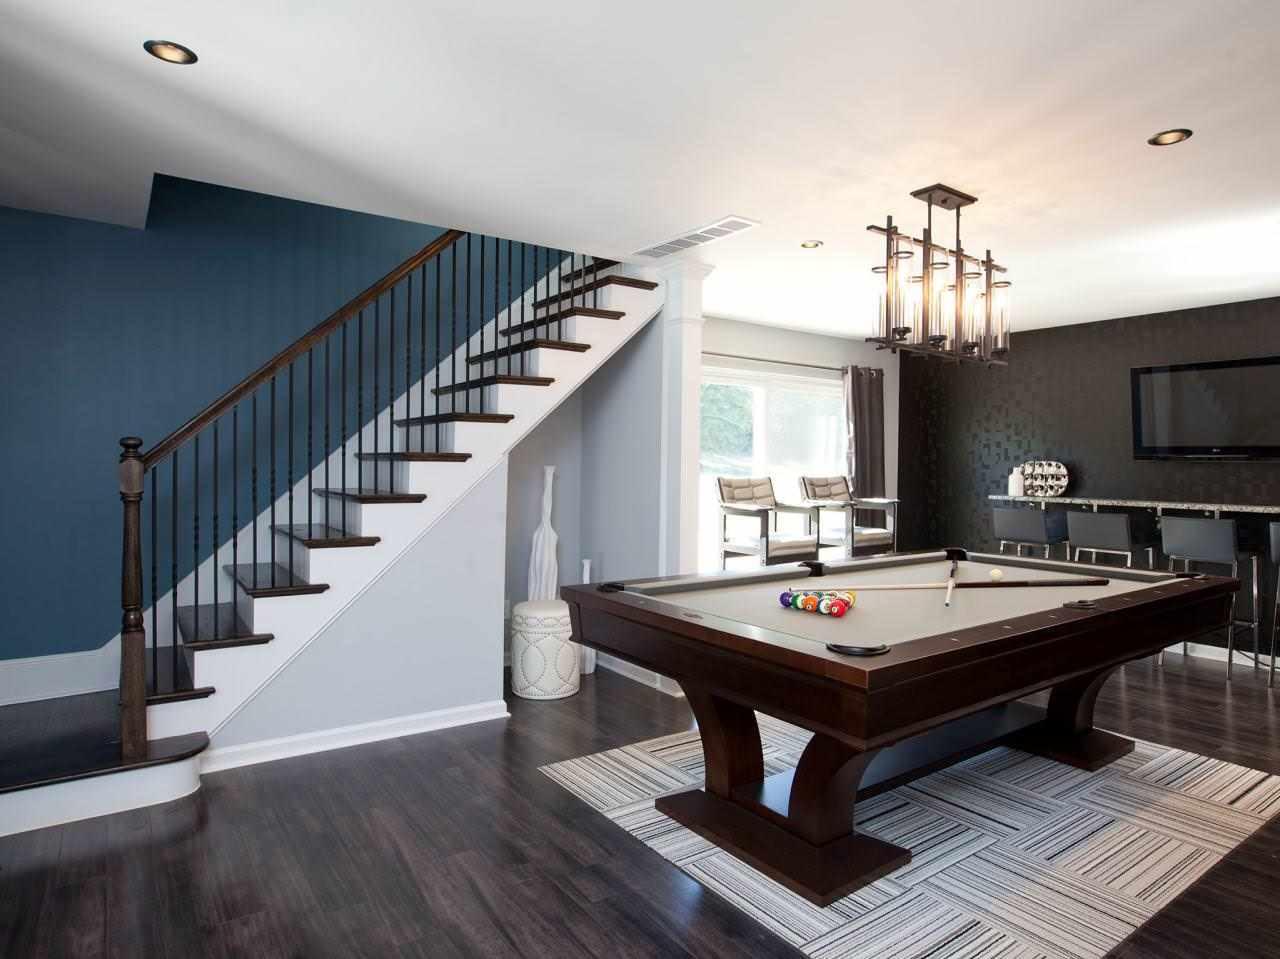 пример необычного дизайна лестницы в честном доме